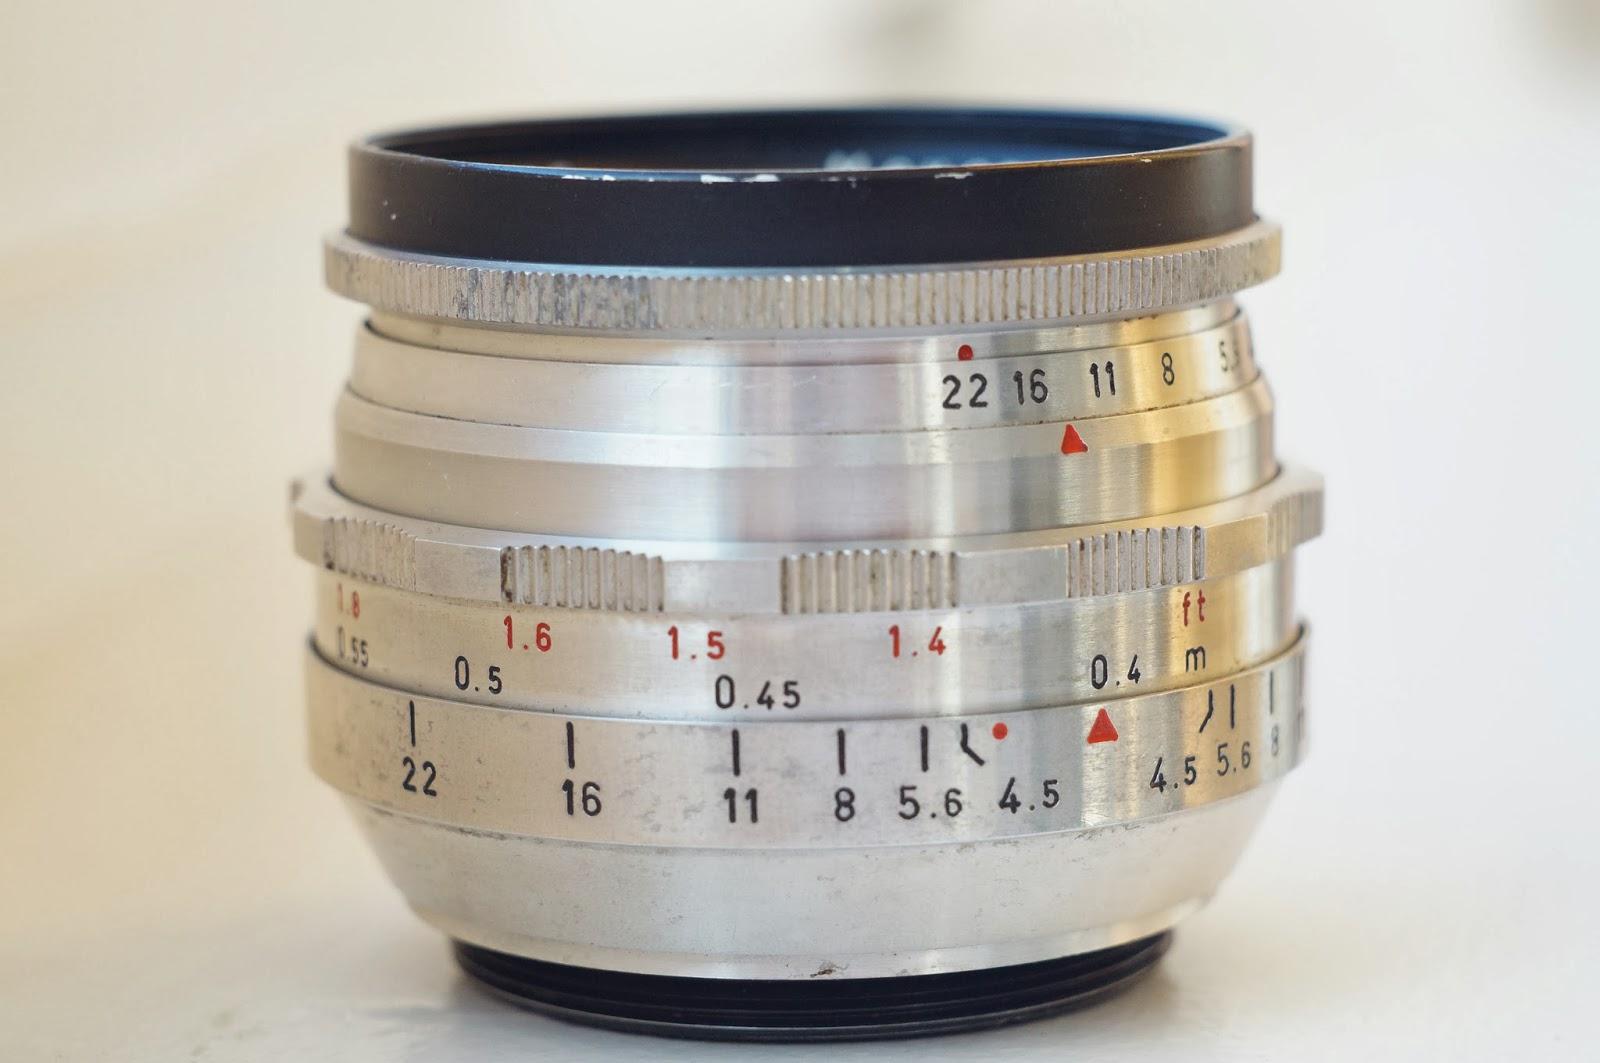 Meyer Görlitz Primagon 35/4.5 M42 sample